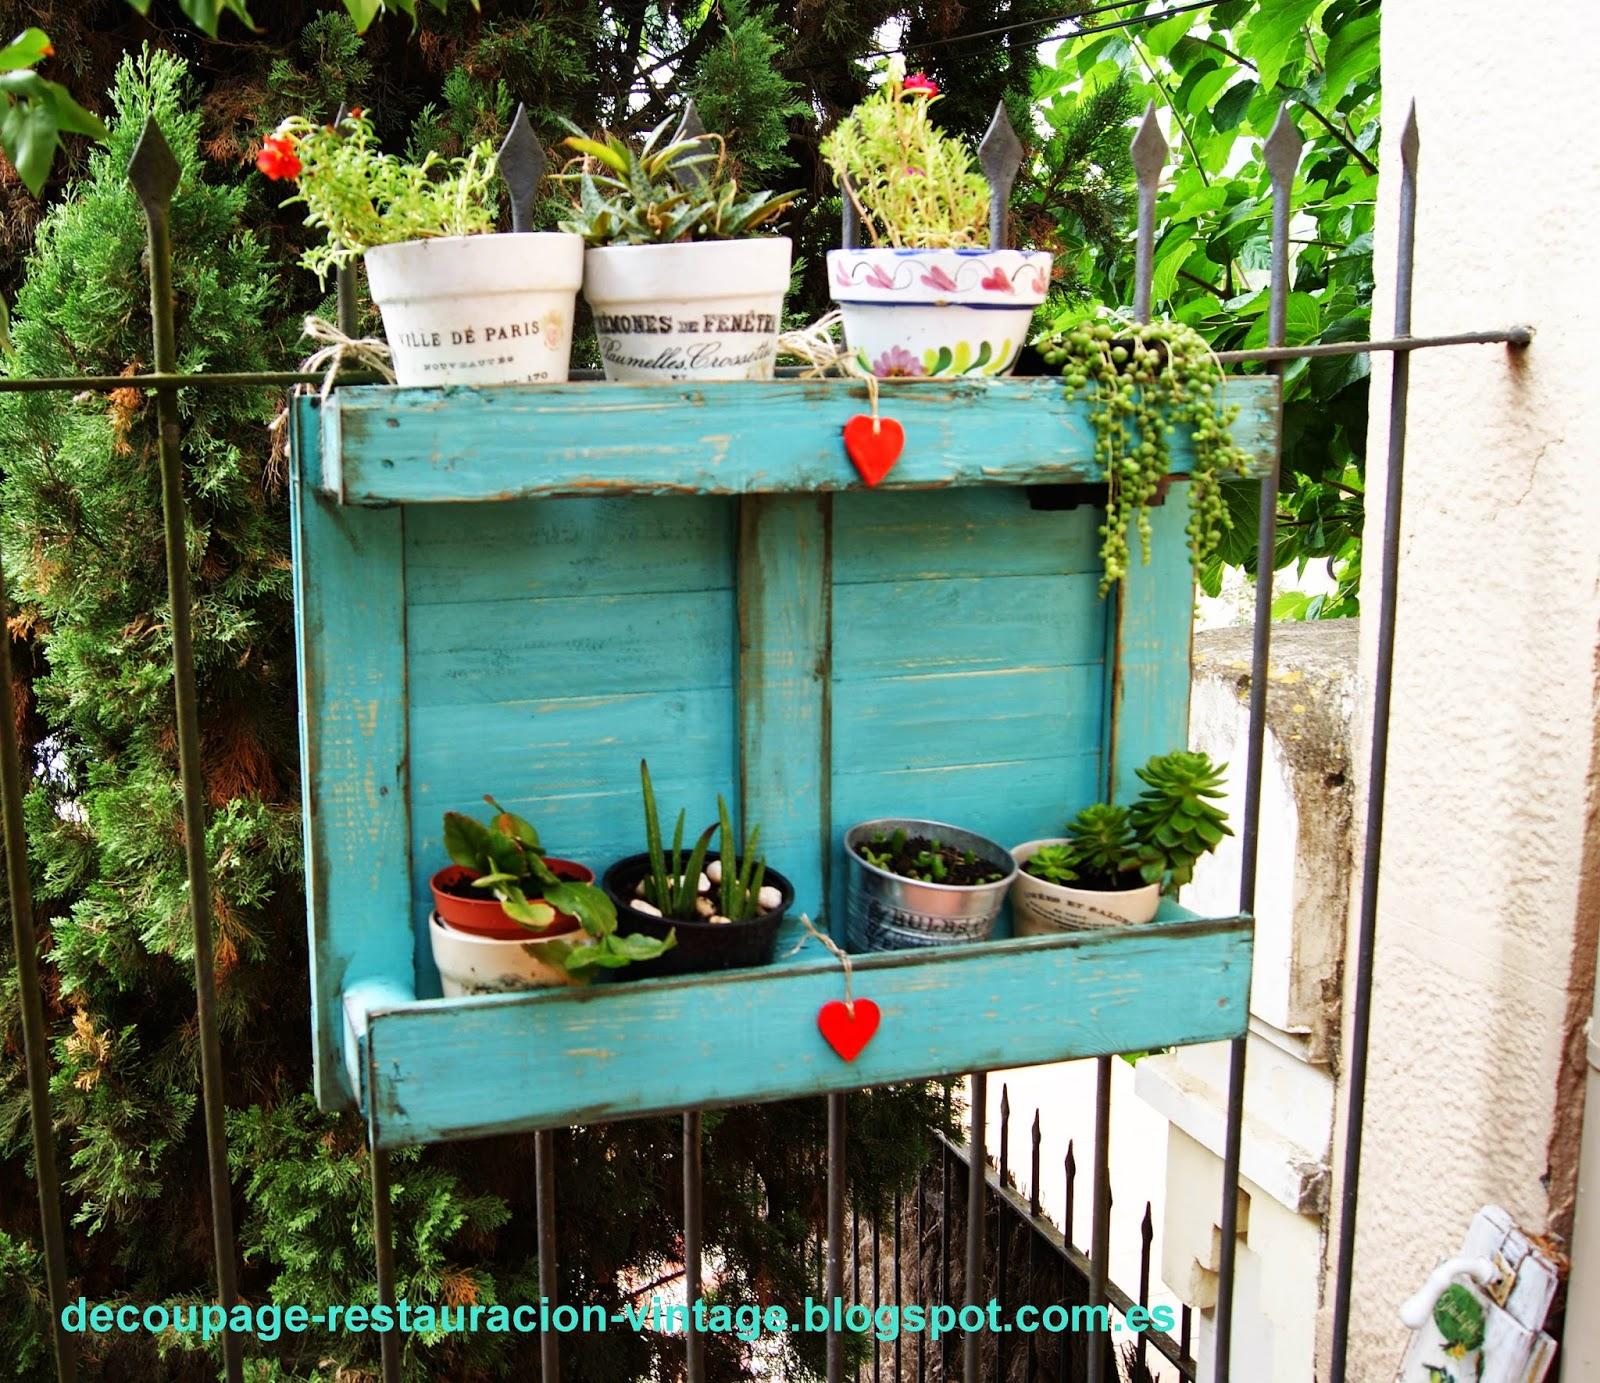 Decoupage transfer y otras t cnicas restauraci n de for Como decorar el patio de la casa